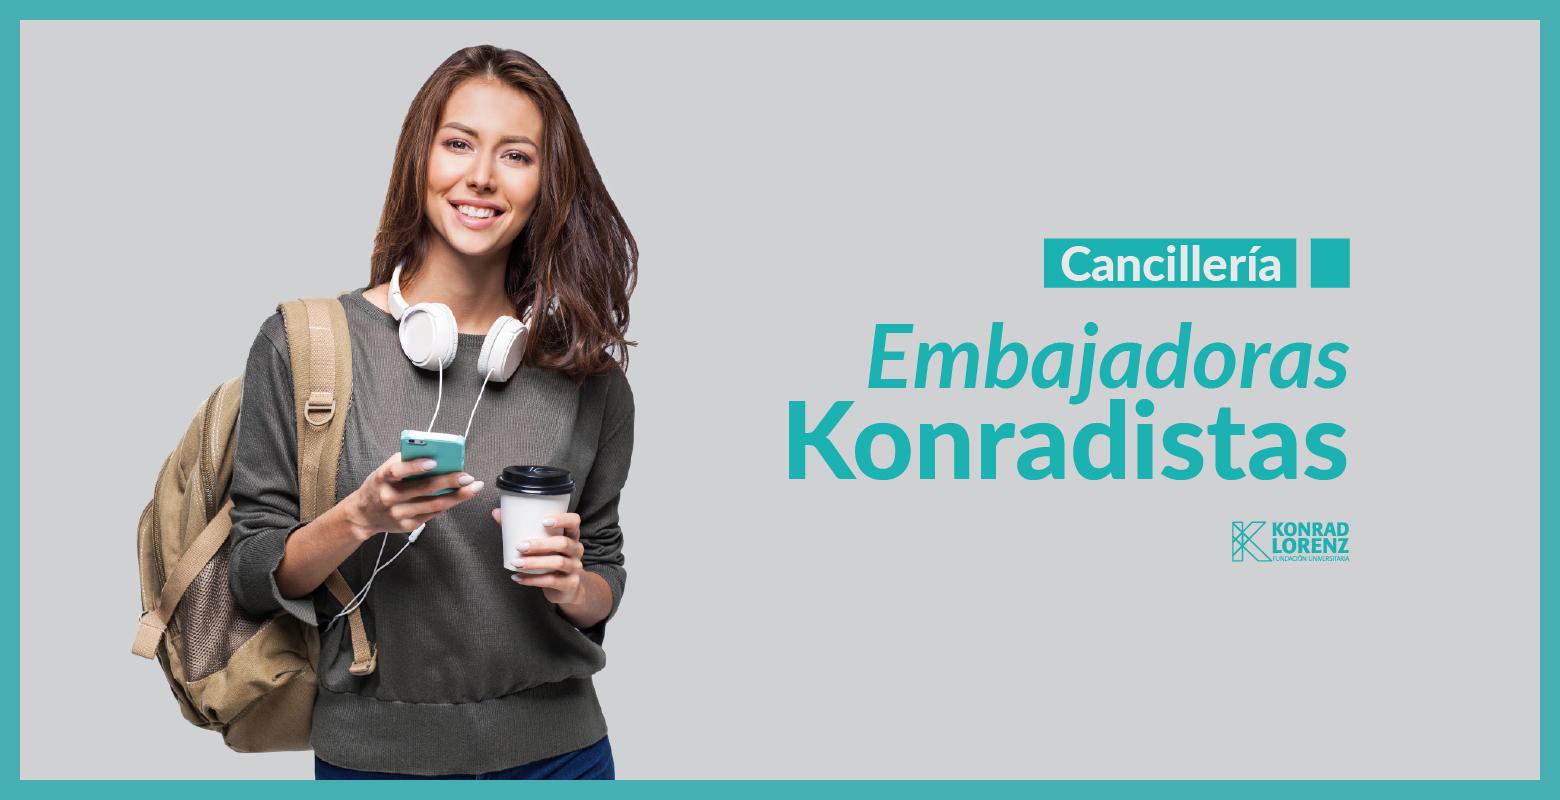 Cancillería: Embajadoras Konradistas